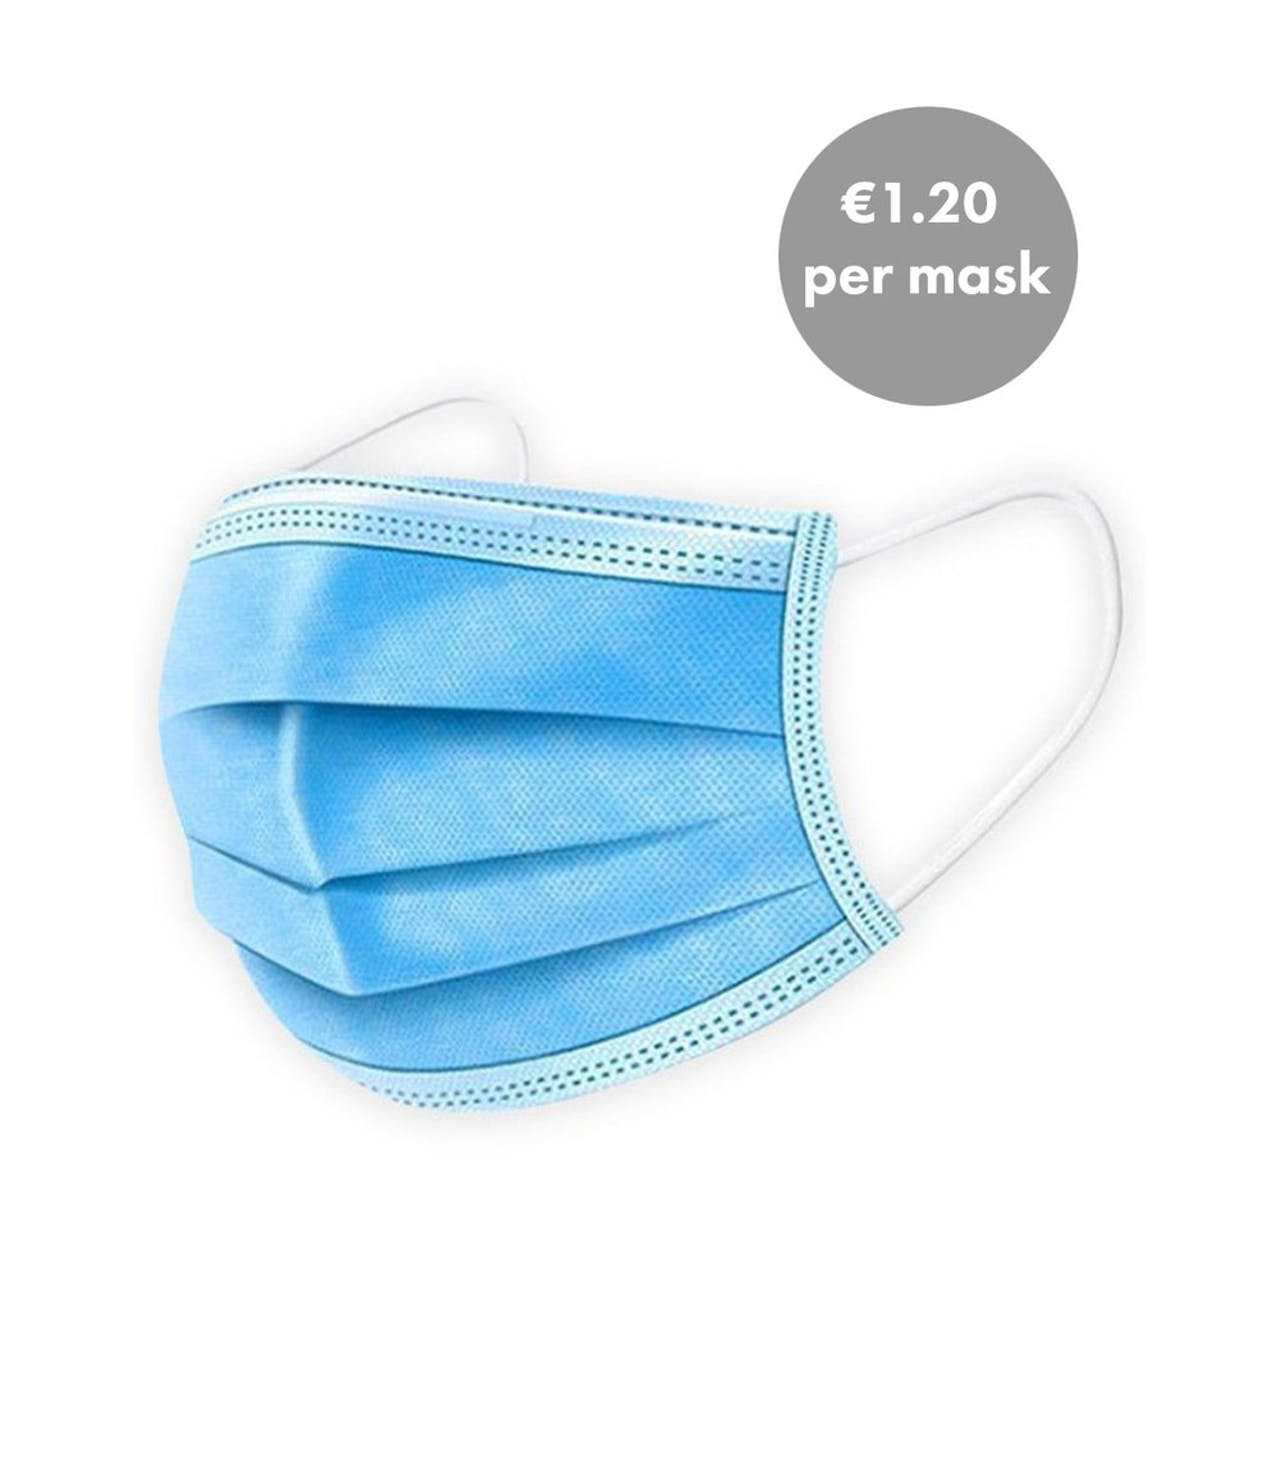 Lys Medical Grade Type 2R Masks - 10 Pack